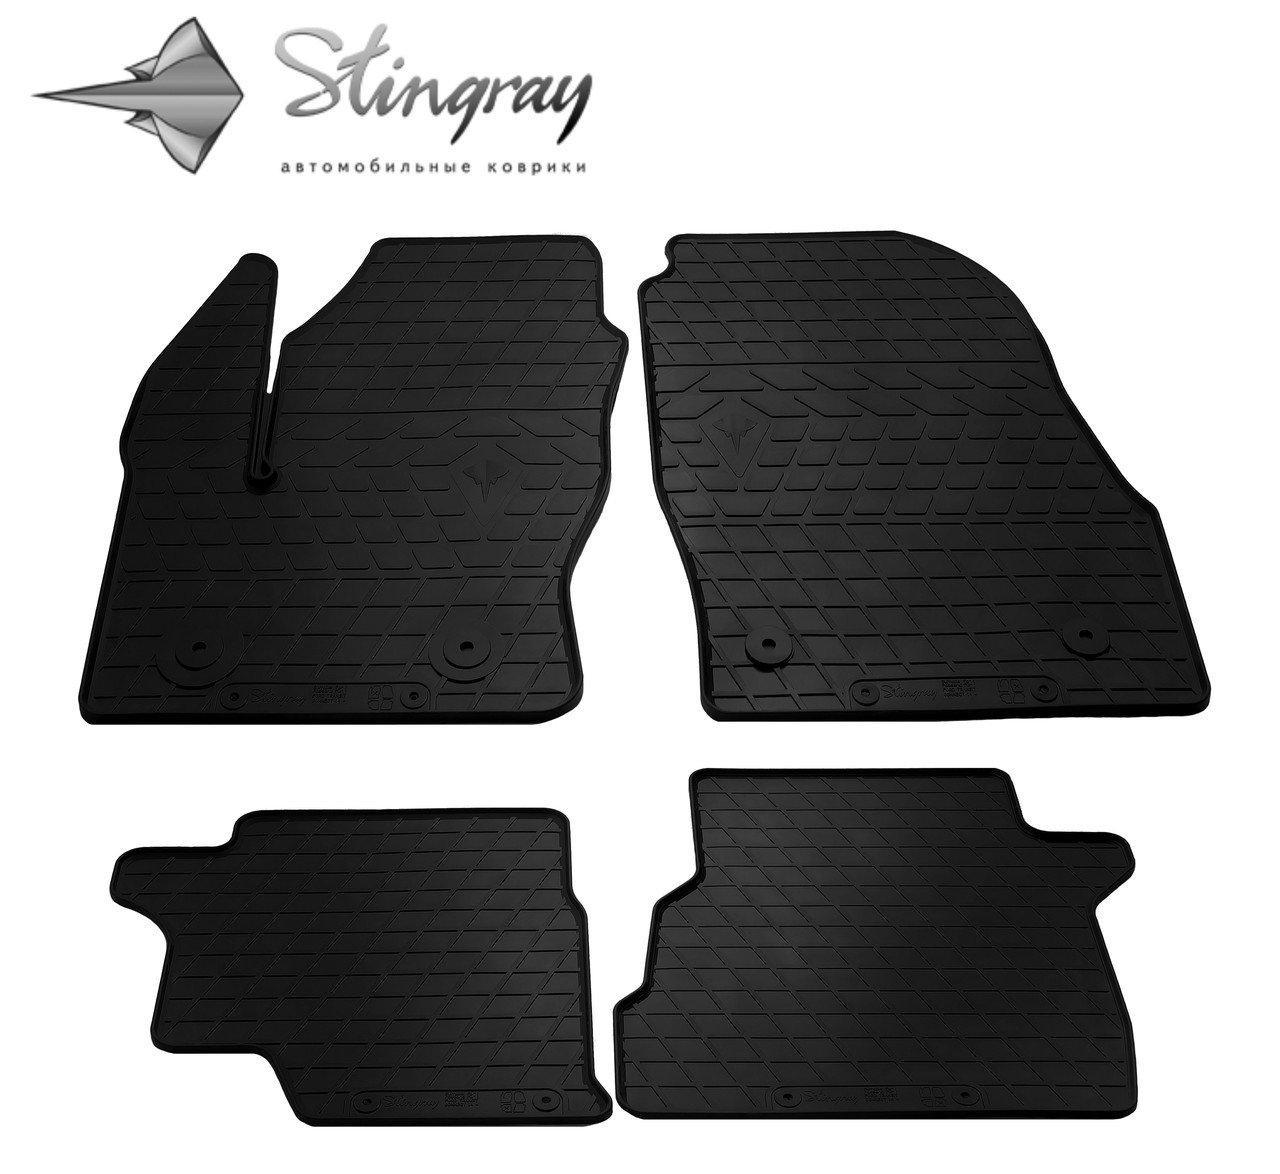 Автомобильные коврики на Ford Tourneo Connect 2014- Stingray